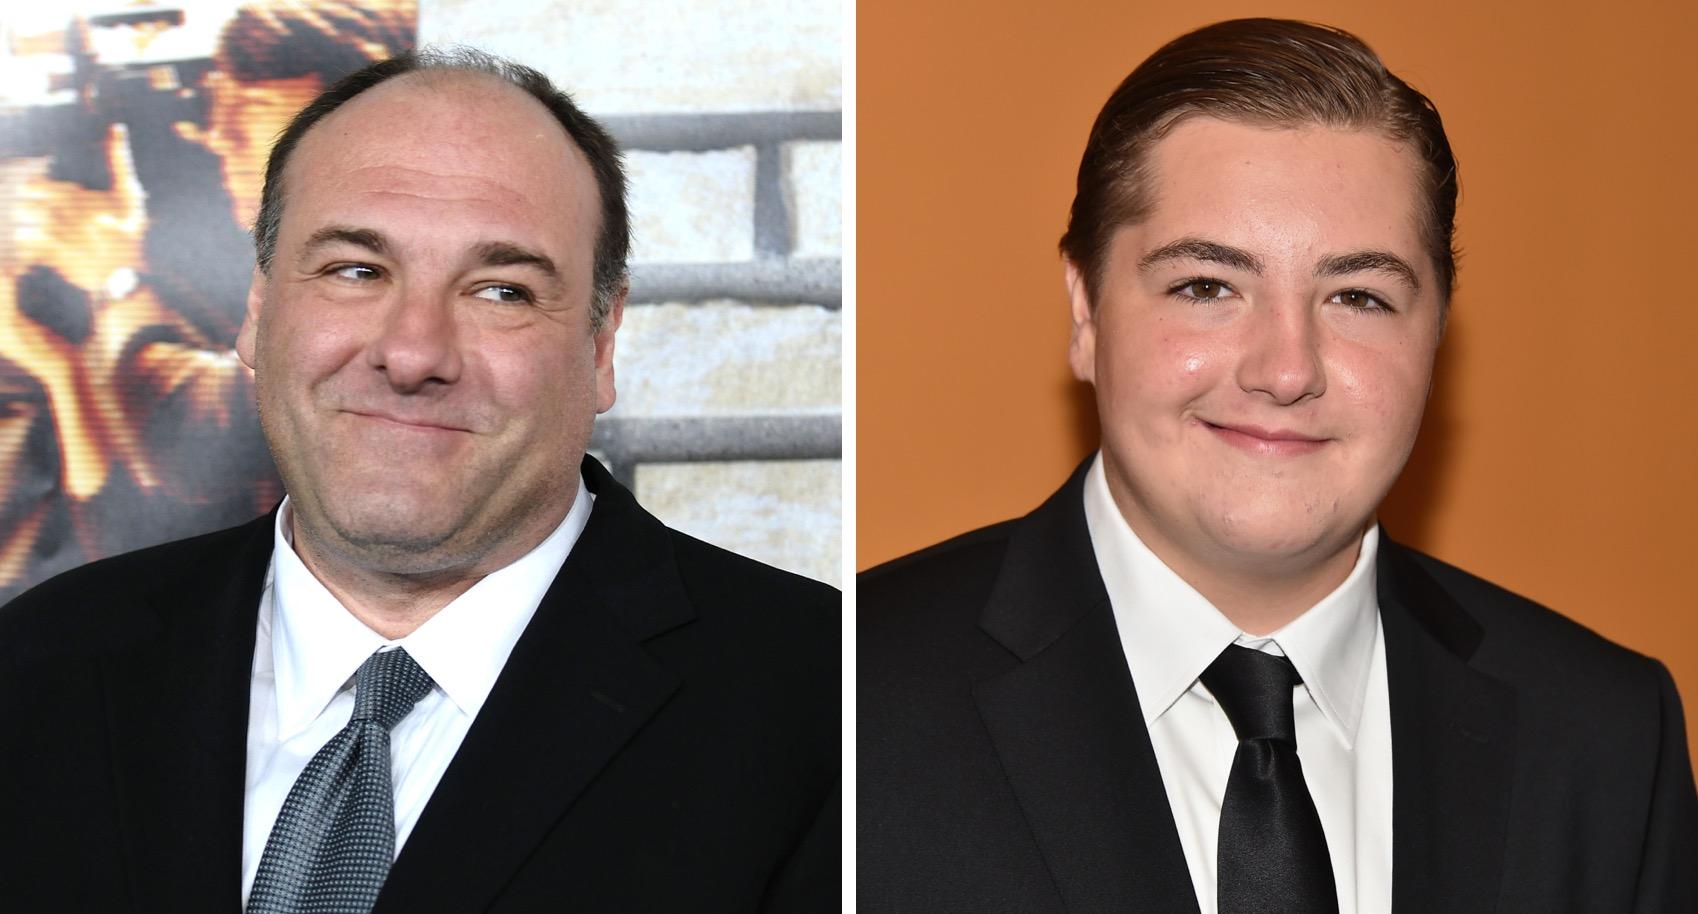 James Gandolfini's Son Looks Just Like Him in Soprano's Prequel Film